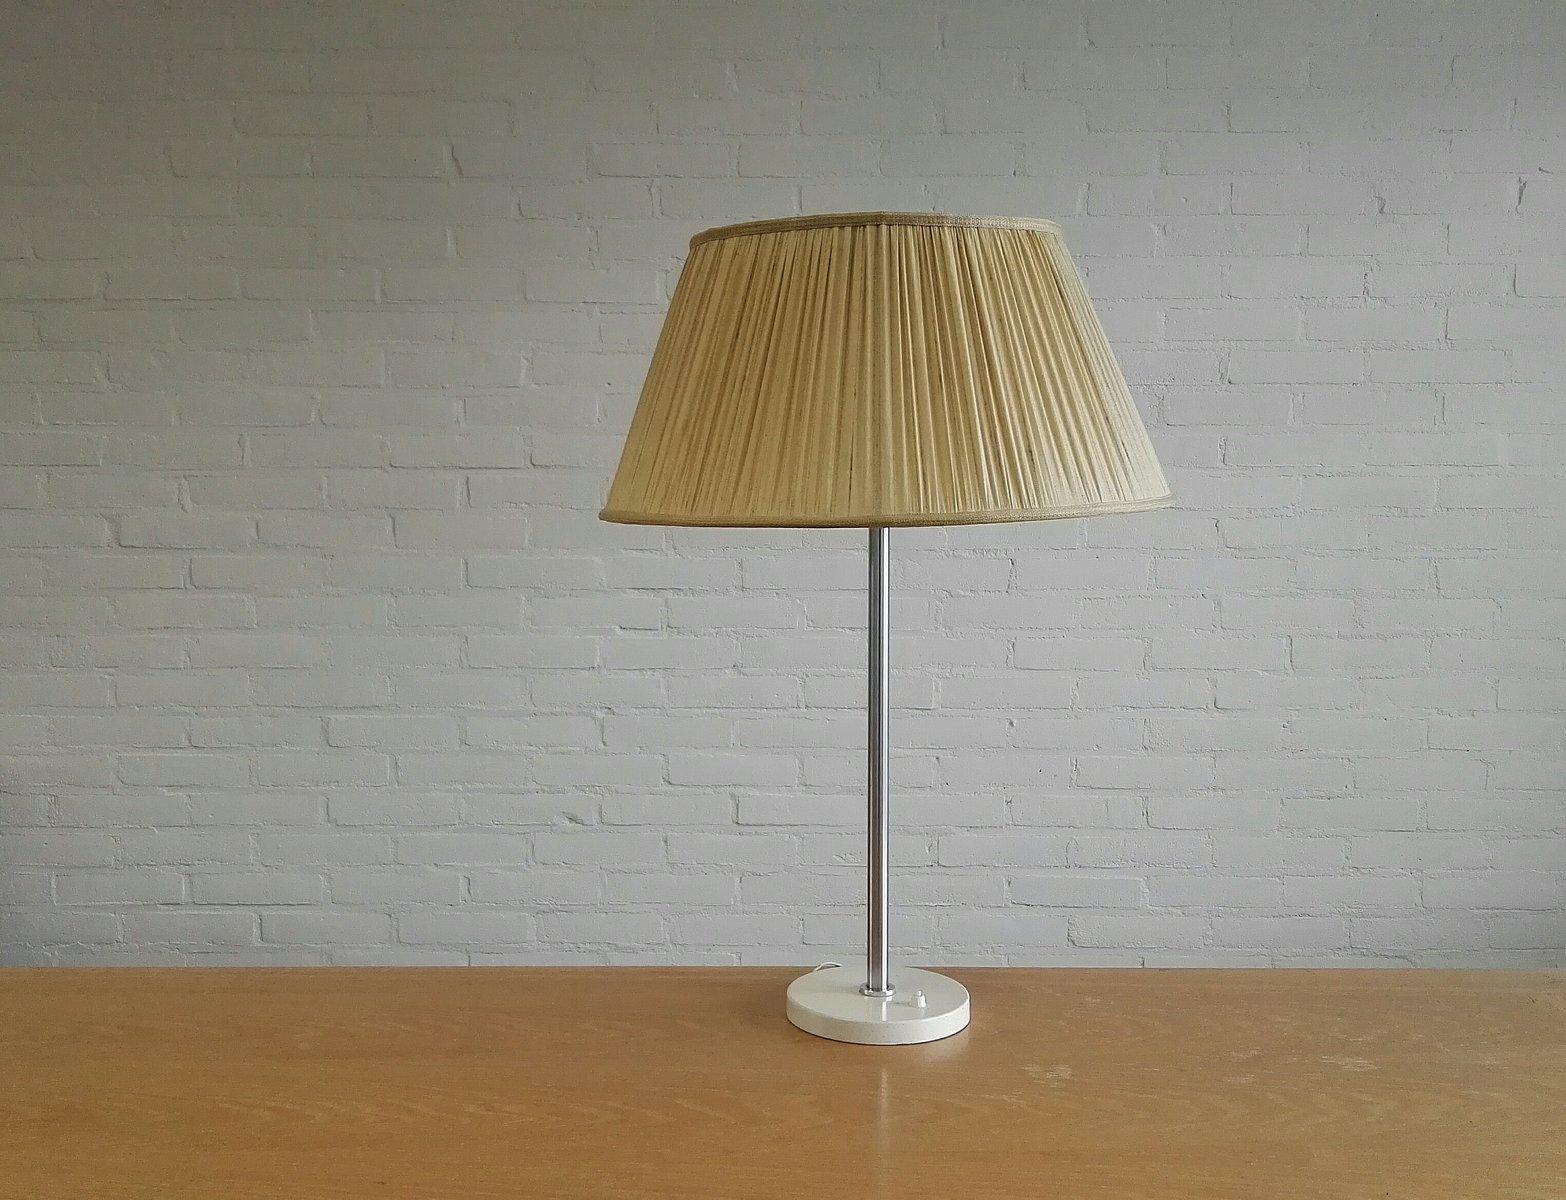 Tischlampe von W.H. Gispen, 1950er